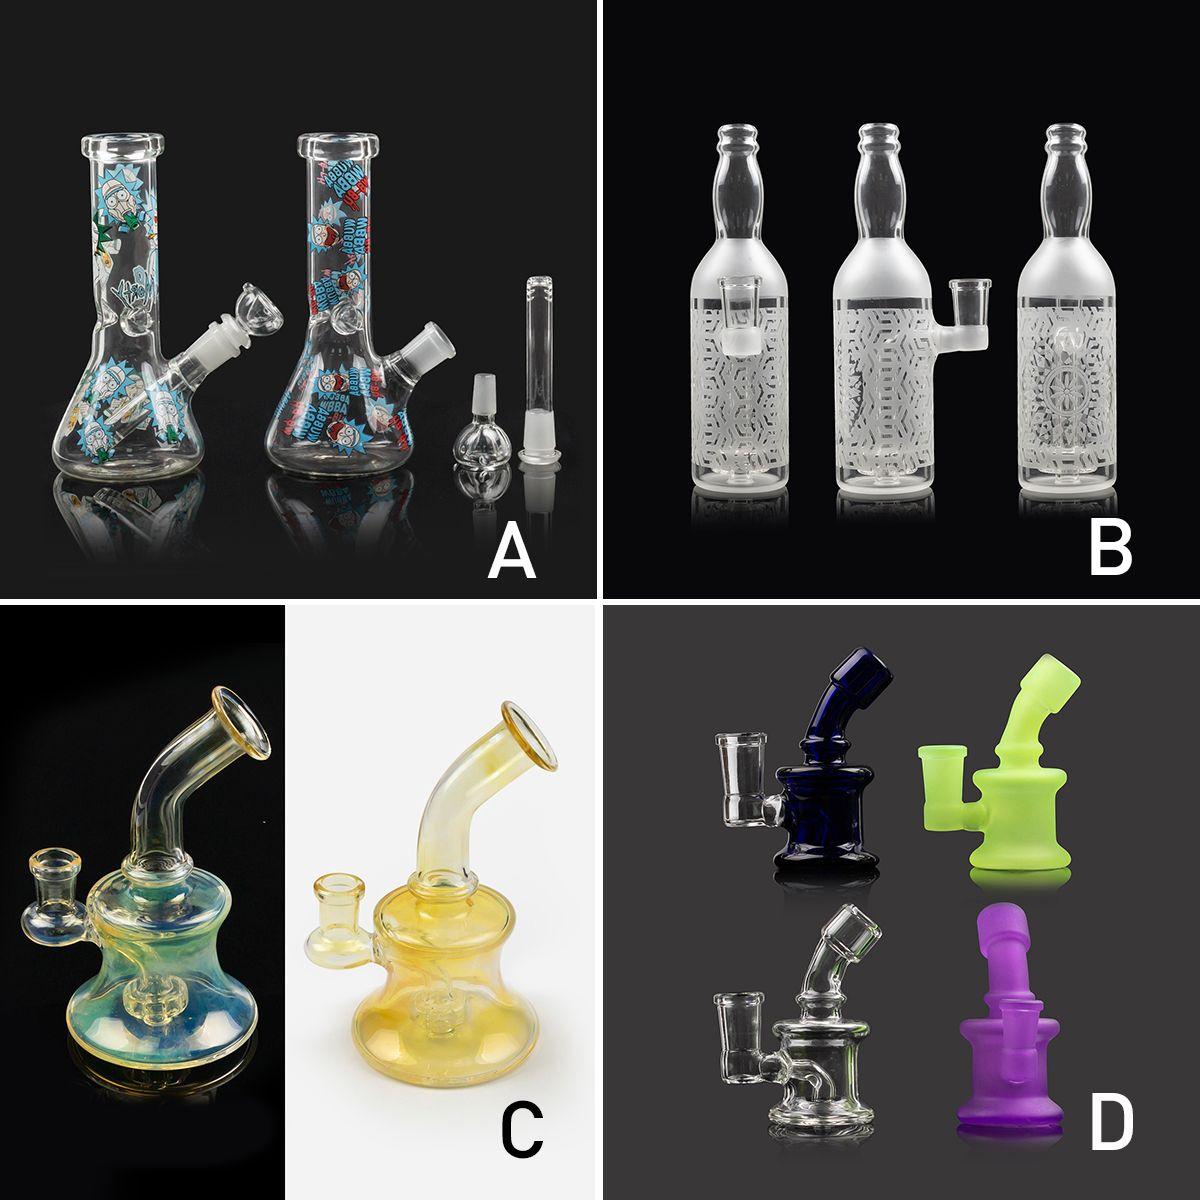 Mini Hookahs Colorido 4 Estilo Espesso Borbulhante Bubbler Vidro Bongo Rig Rig Rig Beaker Tubulação de Água Luminosas Bongs Fumar Acessórios